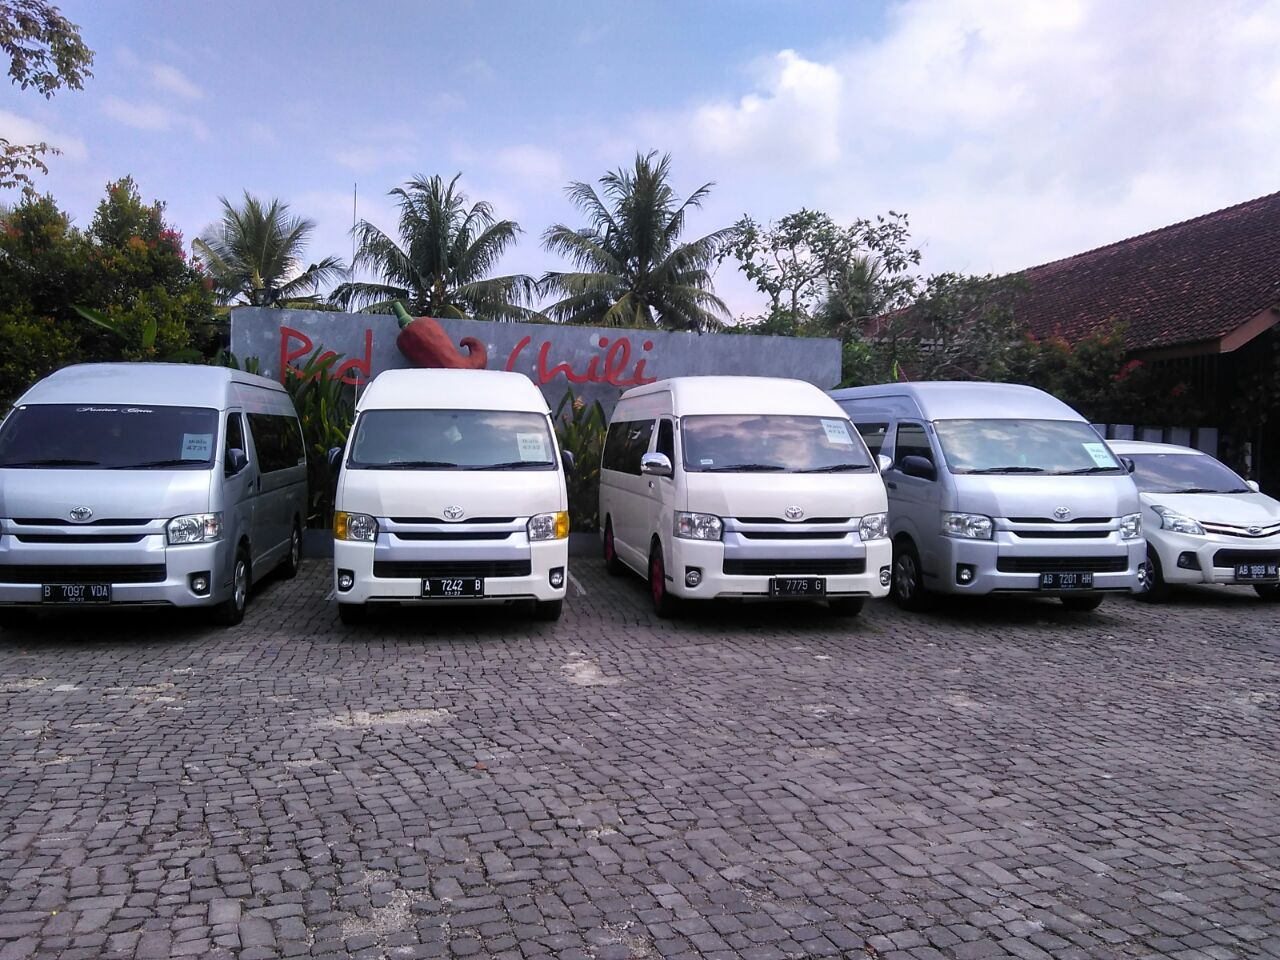 Mobil Jogja Murah - Hemat dan Terjangkau | CV Menara Jogja Tour dan Transport